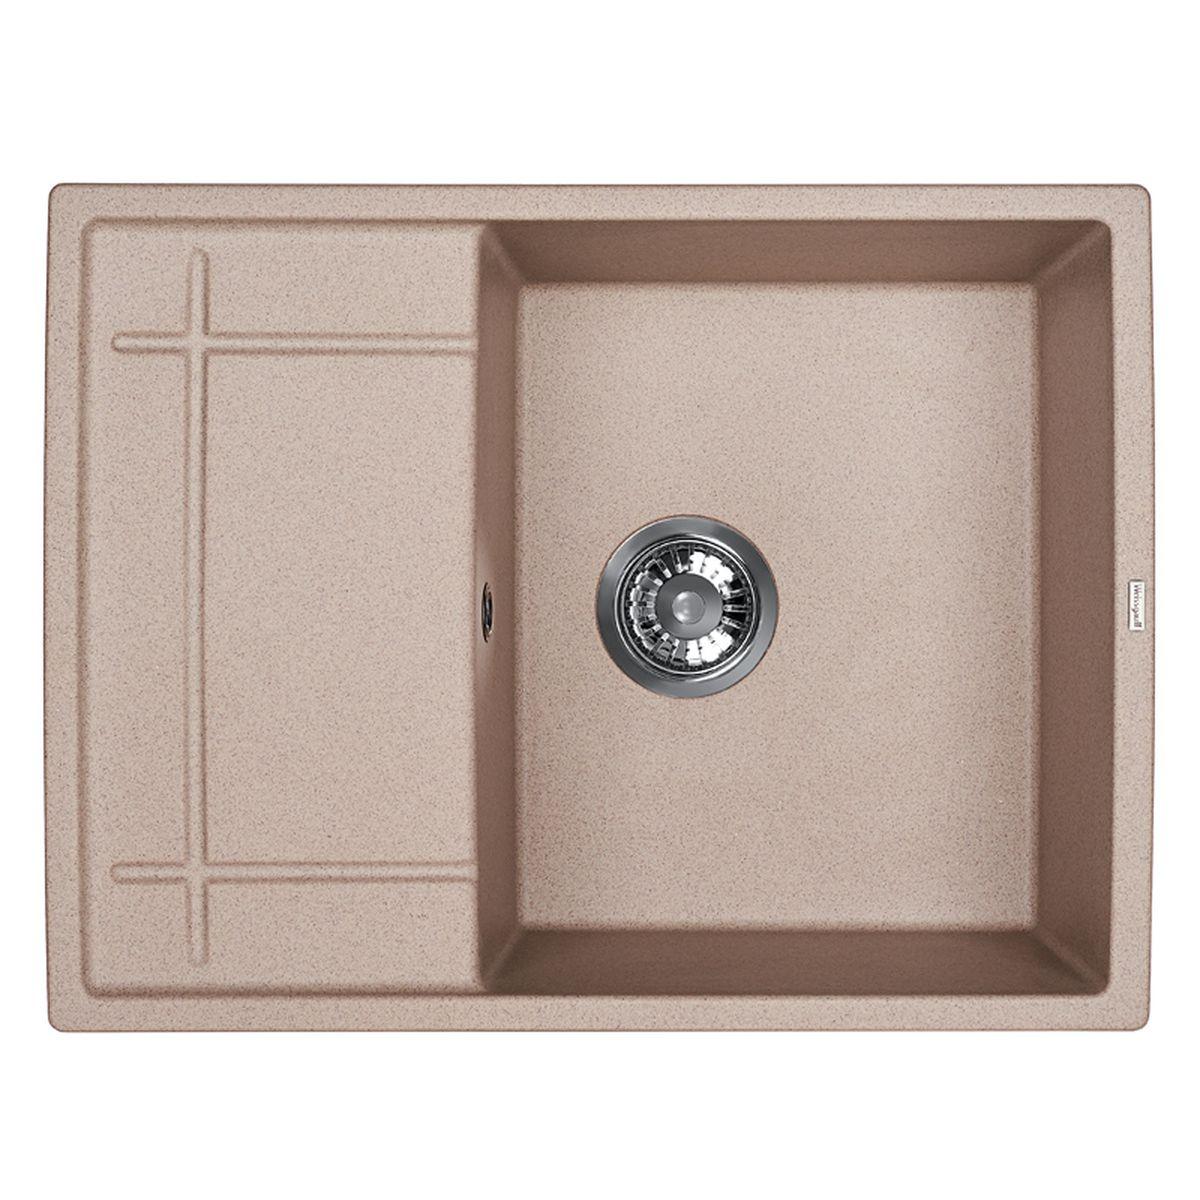 Мойка Weissgauff Quadro 650 Eco Granit, цвет: серый беж, 65,0 х 19,0 х 50,0 см306338Гранитные мойки Weissgauff Eco Granit – классическая коллекция моек, изготовленных из специально подобранных композитных материалов , содержащих оптимальное сочетание 80% каменной массы высокого качества и 20% связующих материалов. Оригинальный и функциональный дизайн - технология изготовления позволяет создавать любые цвета и формы, оптимальные для современных кухонь. Мойки Weissgauff легко подобрать к интерьеру любой кухни, для разных цветов и форм столешниц Влагостойкость - отталкивание влаги – одна из примечательных особенностей моек из искусственного камня за счет связующих композитных материалов, которые продлевают их срок службы и способствуют сохранению первоначального вида Термостойкость - подвергая мойки воздействию высоких температур, например, различными горячими жидкостями, будьте уверенны, что мойки Weissgauff – эталон стойкости и качества, так как они устойчивы к перепаду температур. Специальный состав моек Weisgauff избавляет от проблемы...